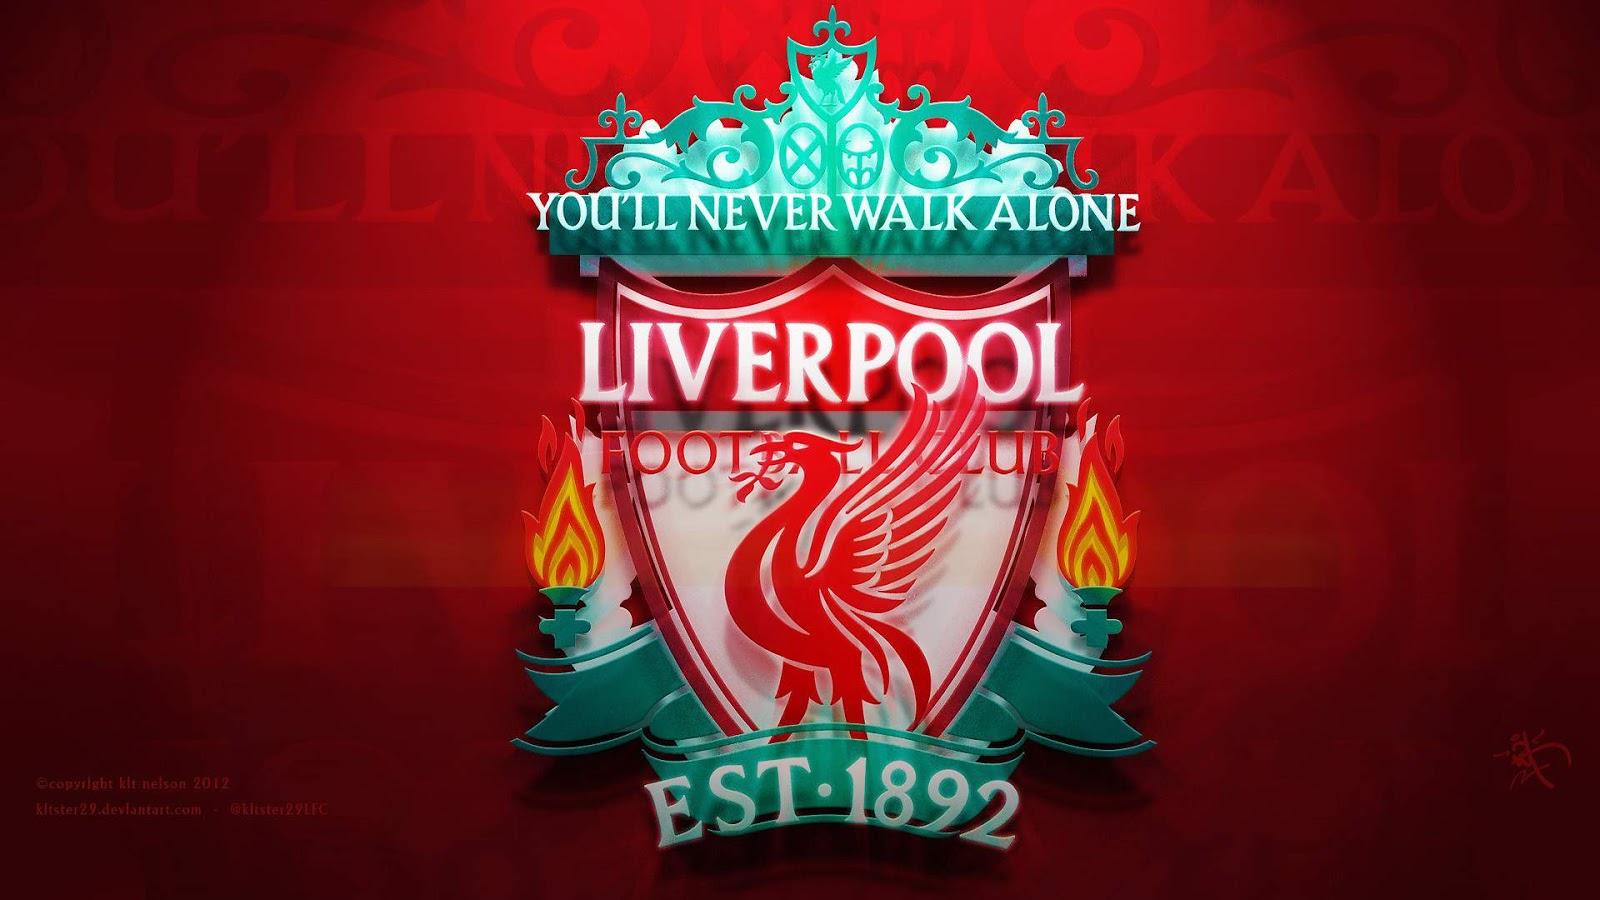 http://1.bp.blogspot.com/-iPL3iMfxpWU/UUZ1iLwBIKI/AAAAAAAAA3s/JMLuP9UCS7U/s1600/Liverpool-FC-Wallpaper-logo3.jpg